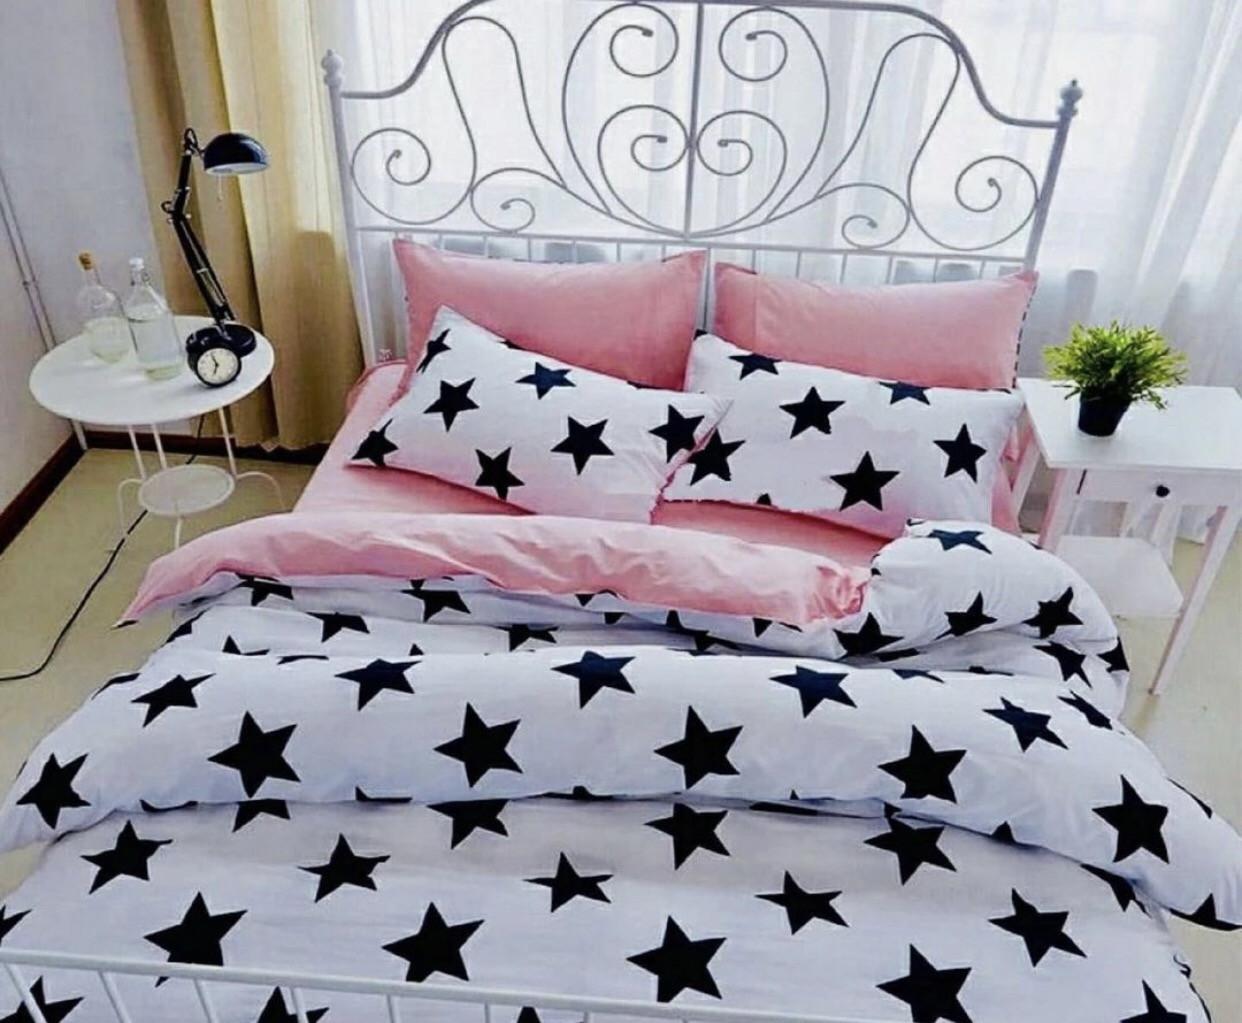 Комплект постельного белья  Бязь GOLD 100% хлопок Черно - белые Звезды